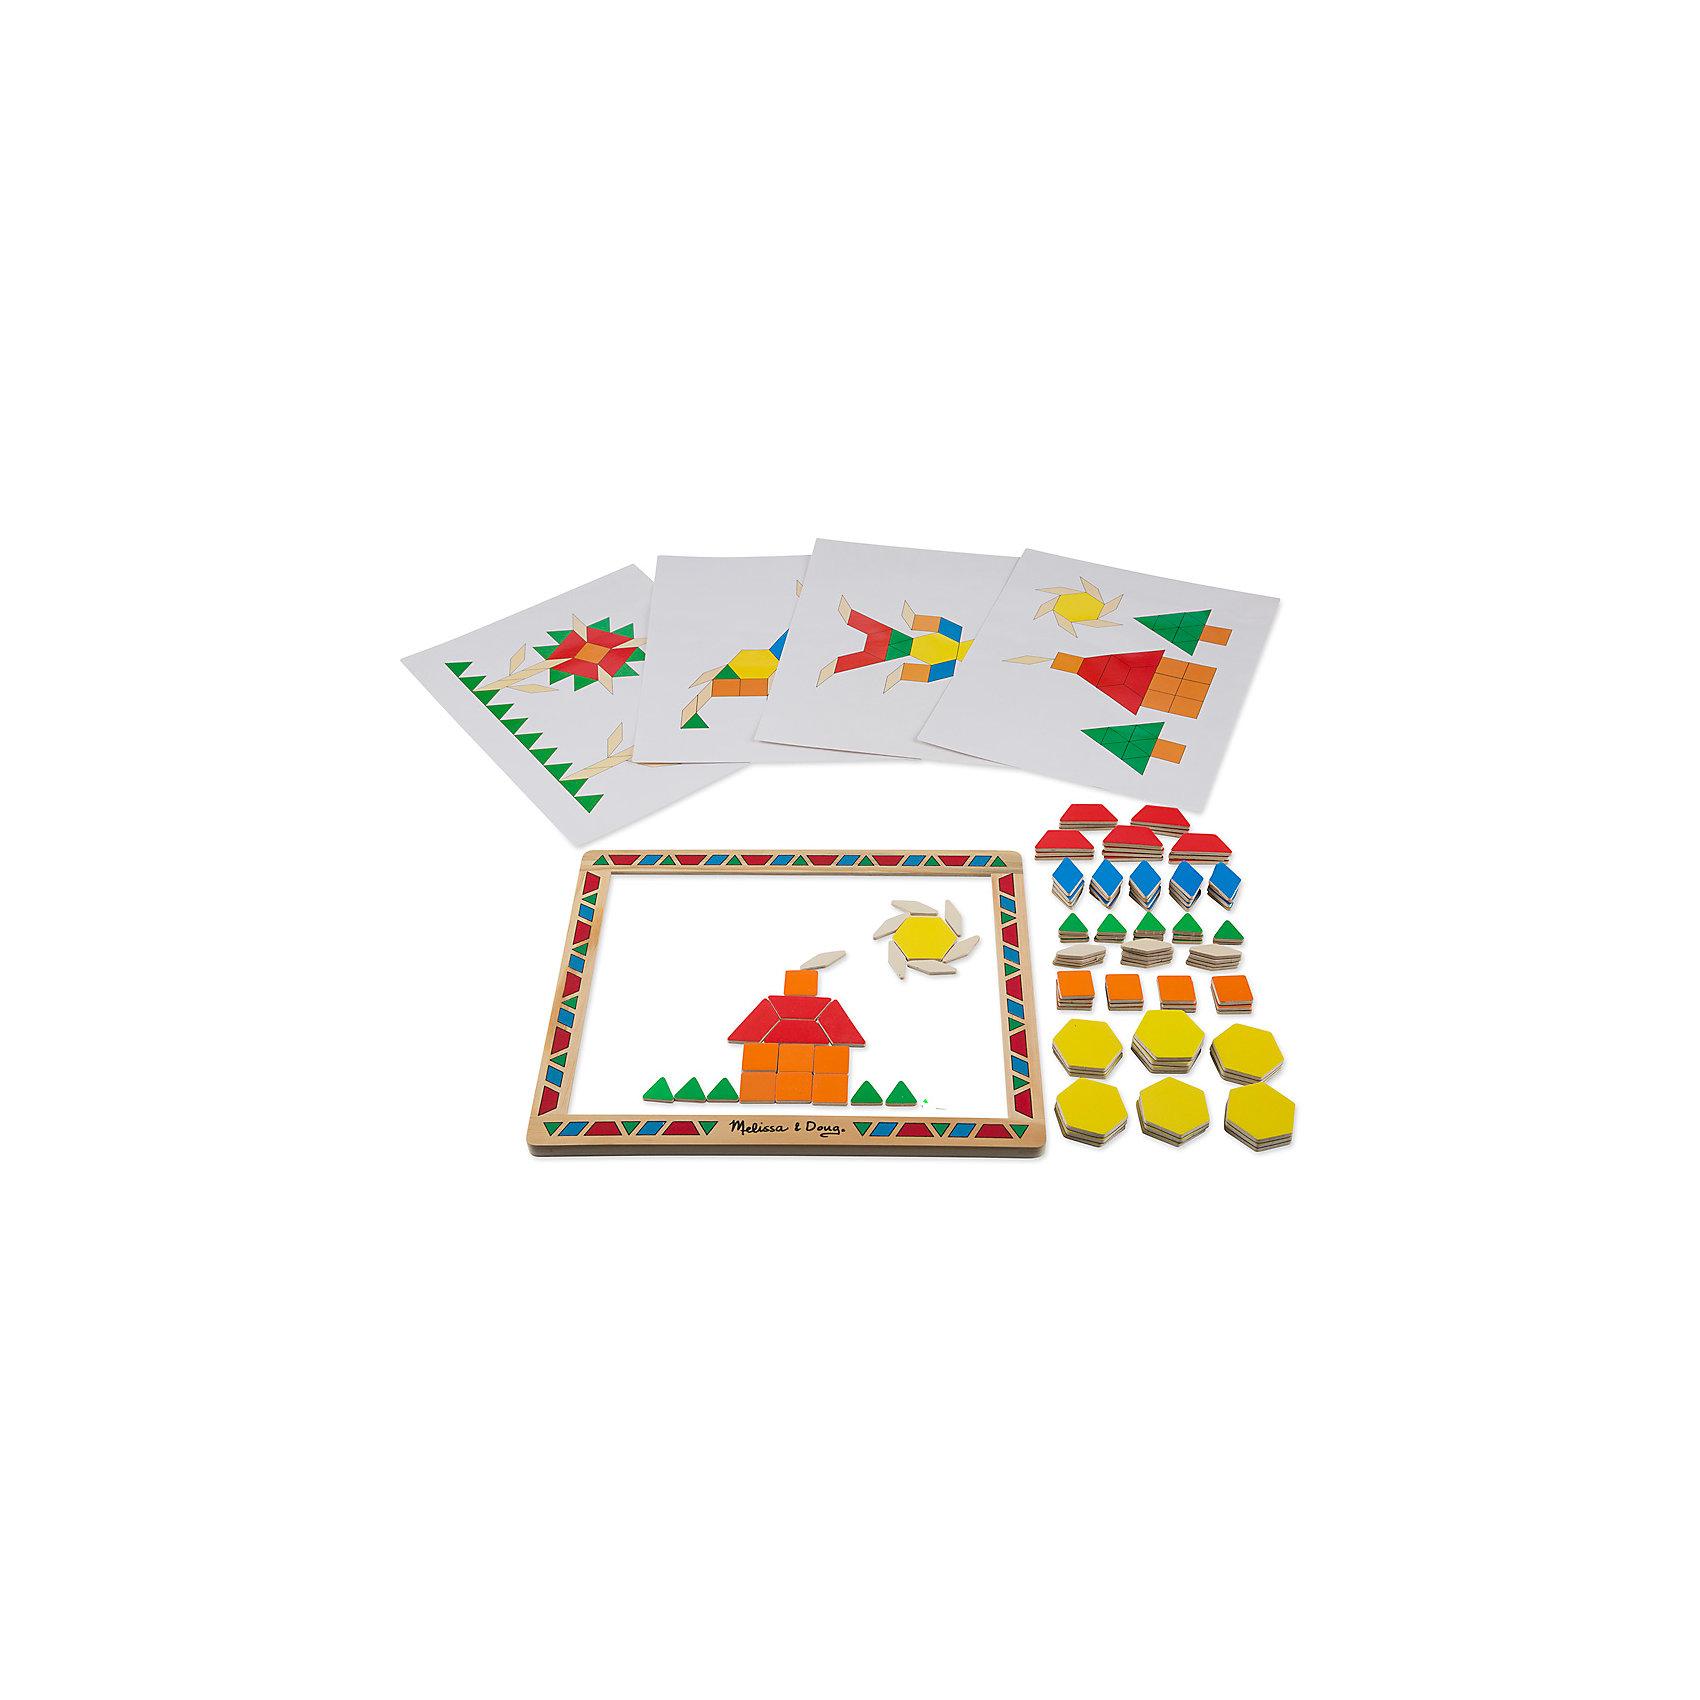 Магниты Придумай свой рисунок, Melissa &amp; DougДеревянные игры и пазлы<br>Замечательная развивающая игра - набор магнитов Придумай свой рисунок от известного бренда Melissa &amp; Doug для ребенка. Набор включает в себя деревянную магнитную основу, а также 120 мелких деталей на магнитах, из которых можно составить разные картины. Игрушка развивает мелкую моторику, фантазию, воображение и логику и обладает следующими особенностями:<br>- экологически чистые материалы, безопасные красители;<br>- яркие насыщенные цвета;<br>- качественные магниты;<br>- 12 подсказок - вариантов составления картин;<br>- удобная пластиковая сумочка с веревочными ручками для хранения и транспортировки. <br>Прекрасная игра для ребенка любого возраста!<br><br>Дополнительная информация:<br>- Вес упаковки: 1404 гр;<br>- Габариты упаковки: 340х360х50 мм;<br>- Рекомендуемый возраст: от 1 года с участием взрослых (содержит мелкие детали);<br>- Состав: дерево, магнит.<br><br>Магниты Придумай свой рисунок Melissa &amp; Doug можно купить в нашем магазине<br><br>Ширина мм: 340<br>Глубина мм: 360<br>Высота мм: 50<br>Вес г: 1404<br>Возраст от месяцев: 36<br>Возраст до месяцев: 72<br>Пол: Унисекс<br>Возраст: Детский<br>SKU: 3927700